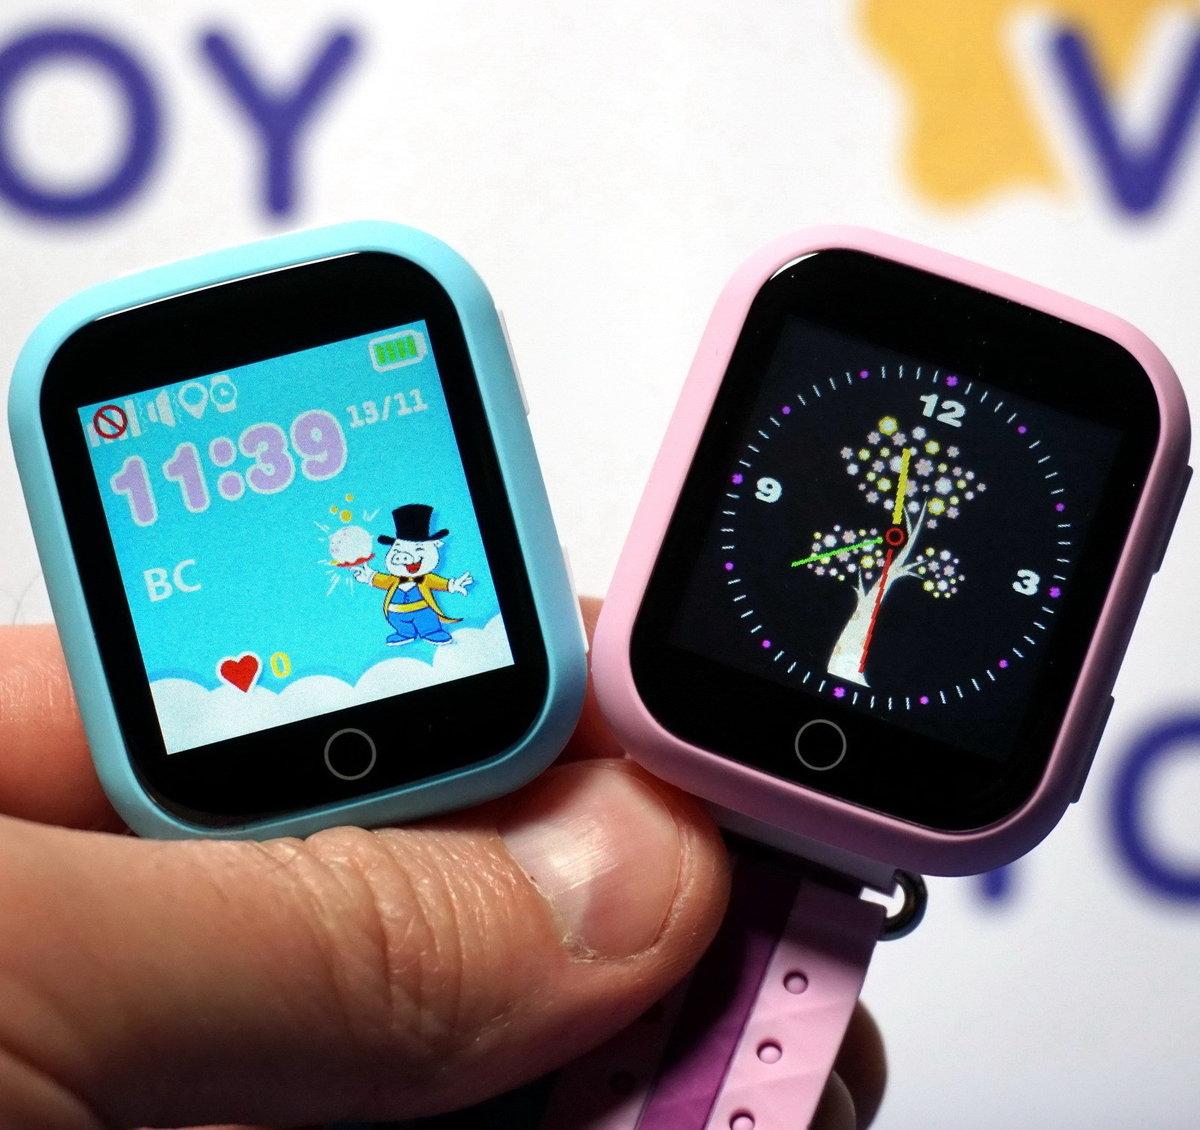 / детские умные часы с gps: найдено наименованиядетские умные часы с gps: найдено наименования.